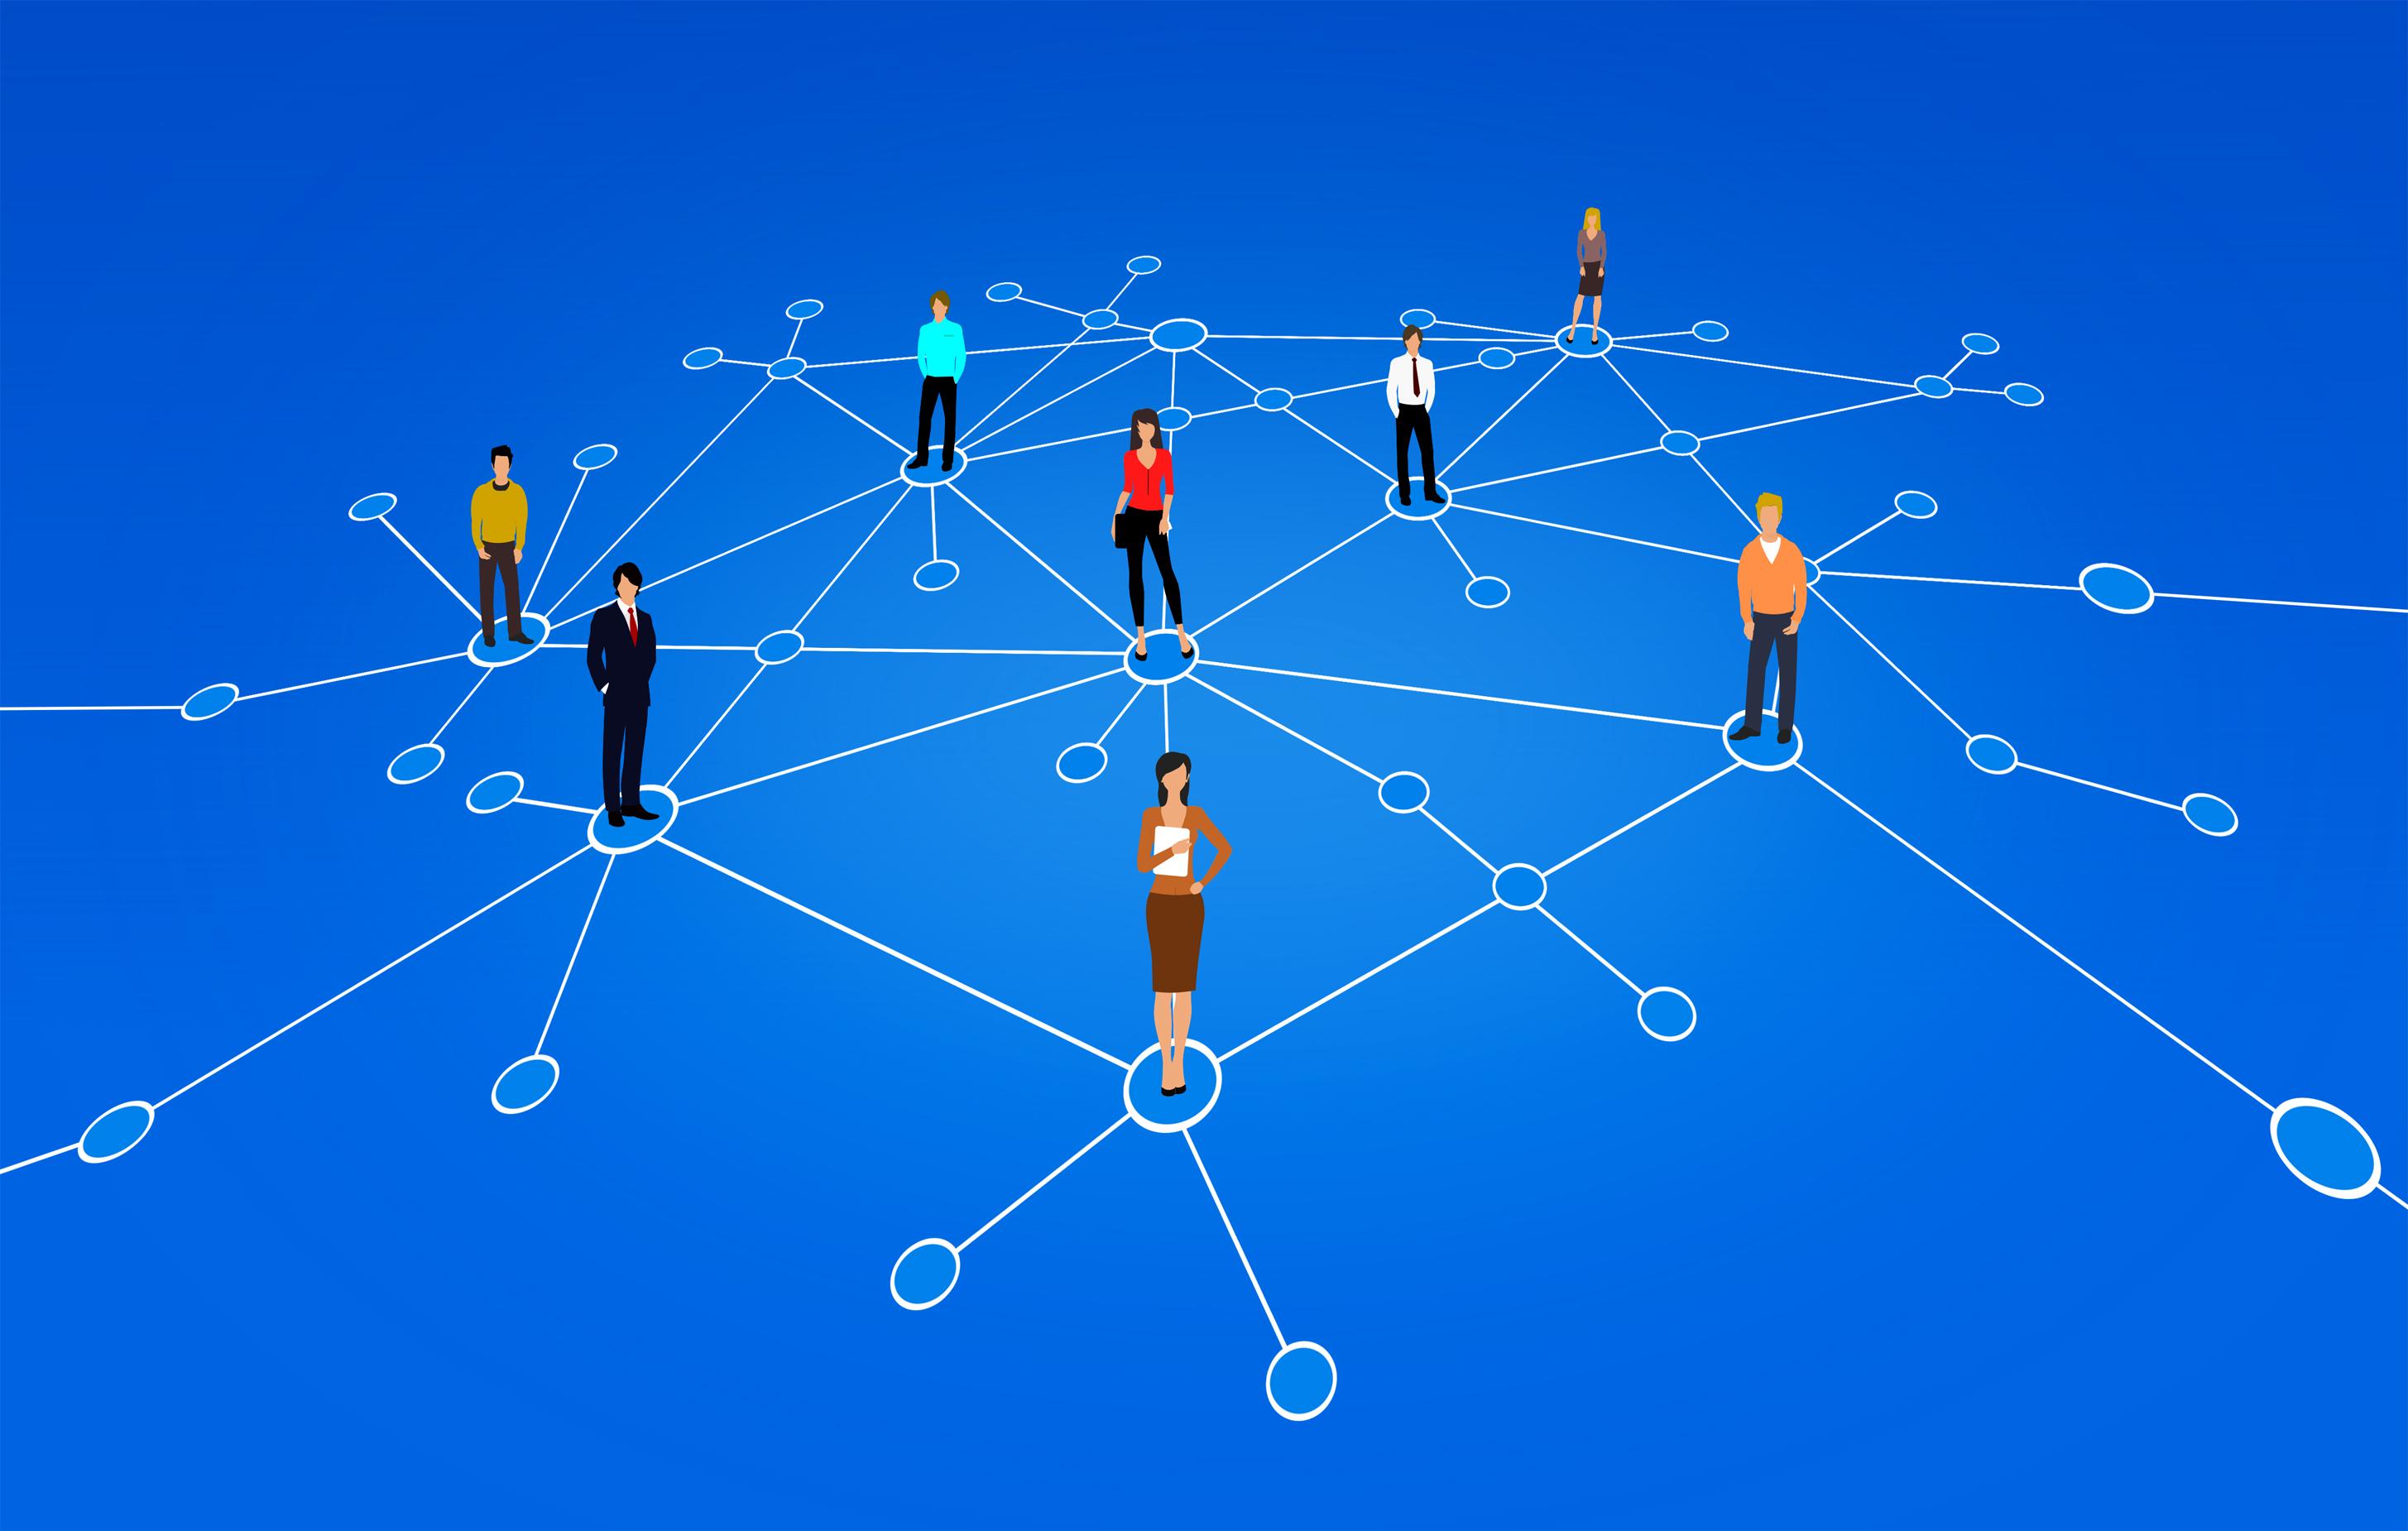 Zgjerimi i rrjetit tuaj në fillim të karrierës